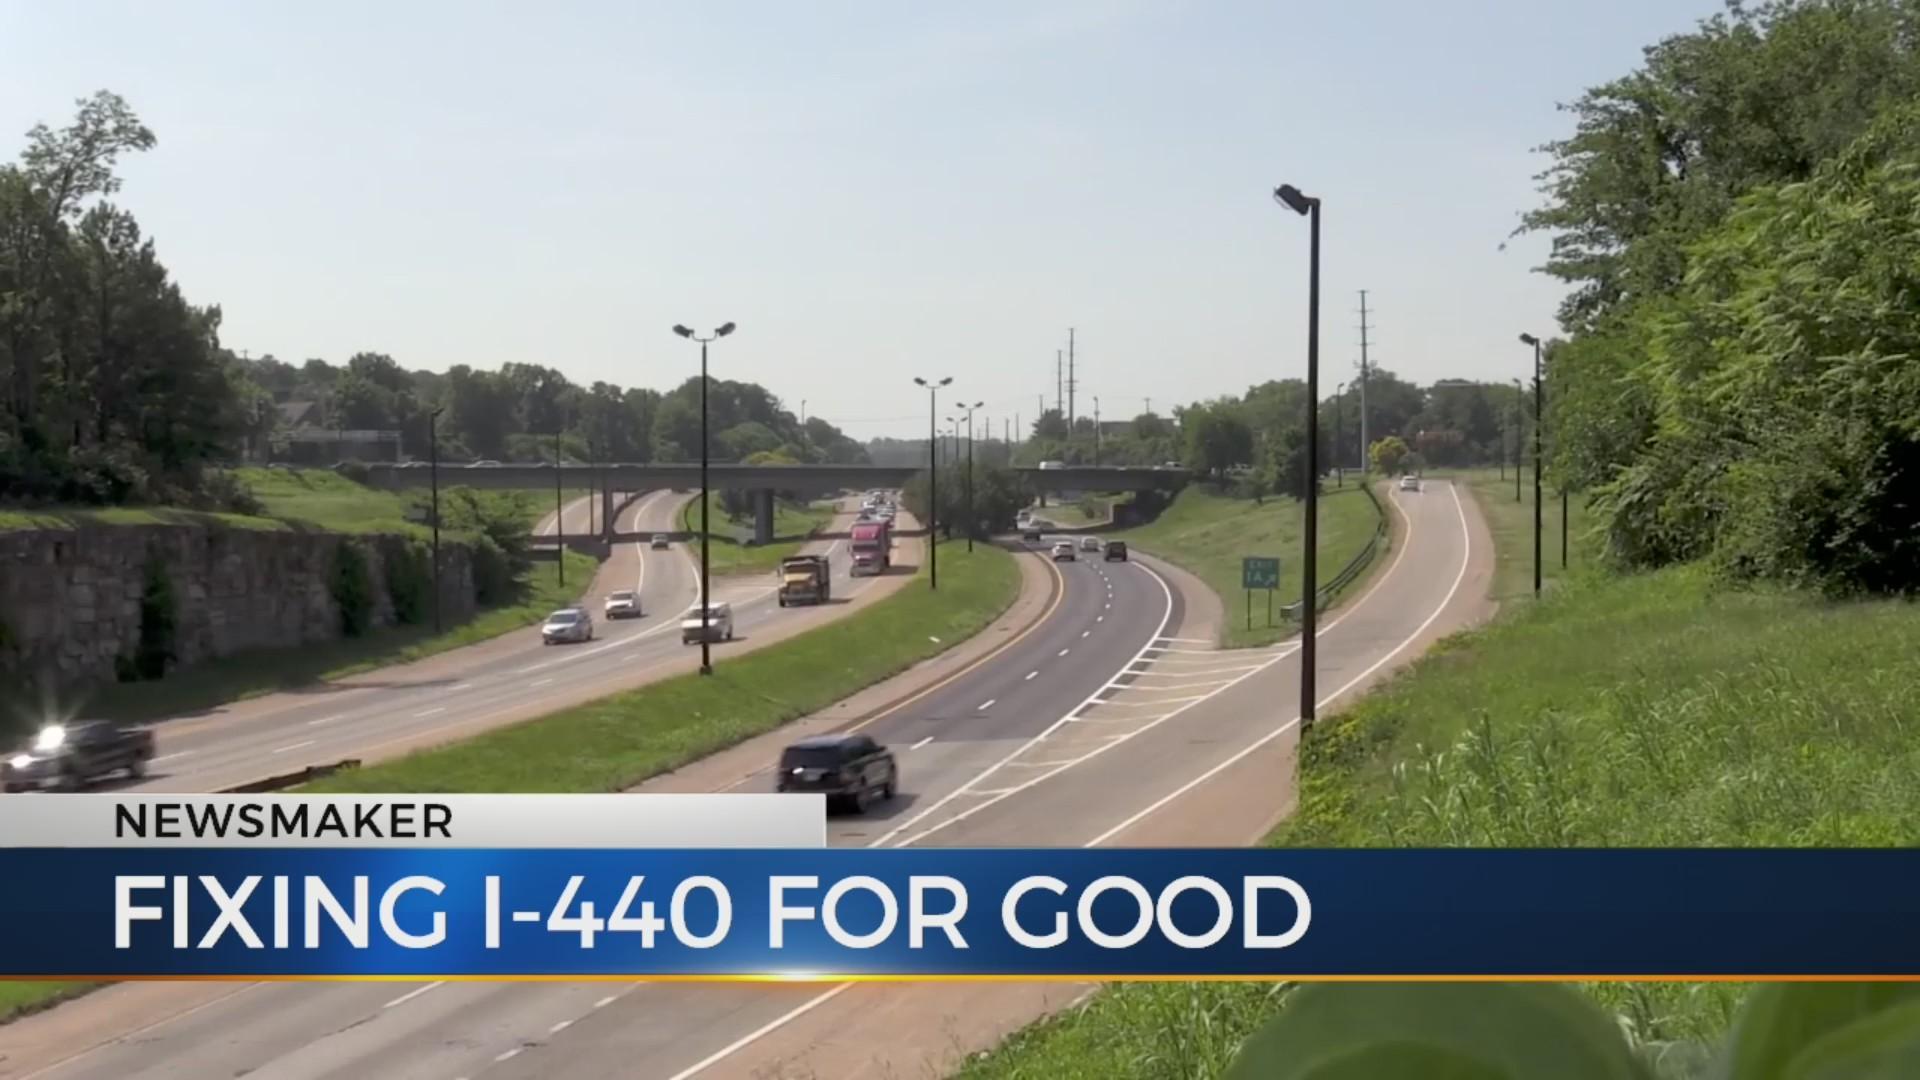 Newsmaker: Fixing I-440 for good